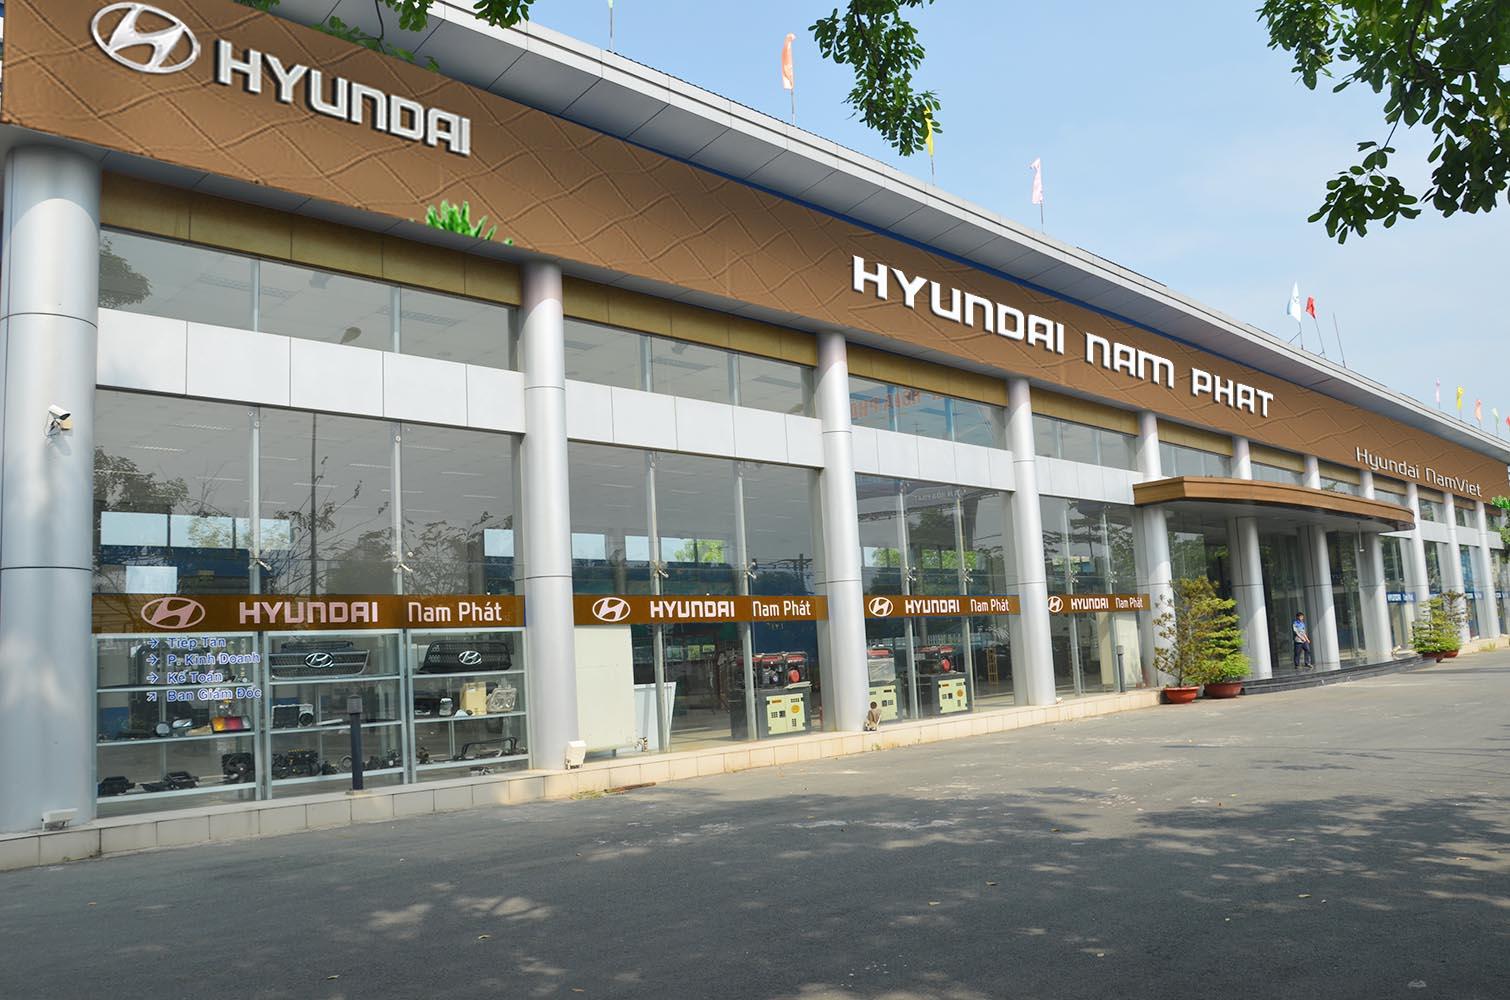 hyundai-nam-phat